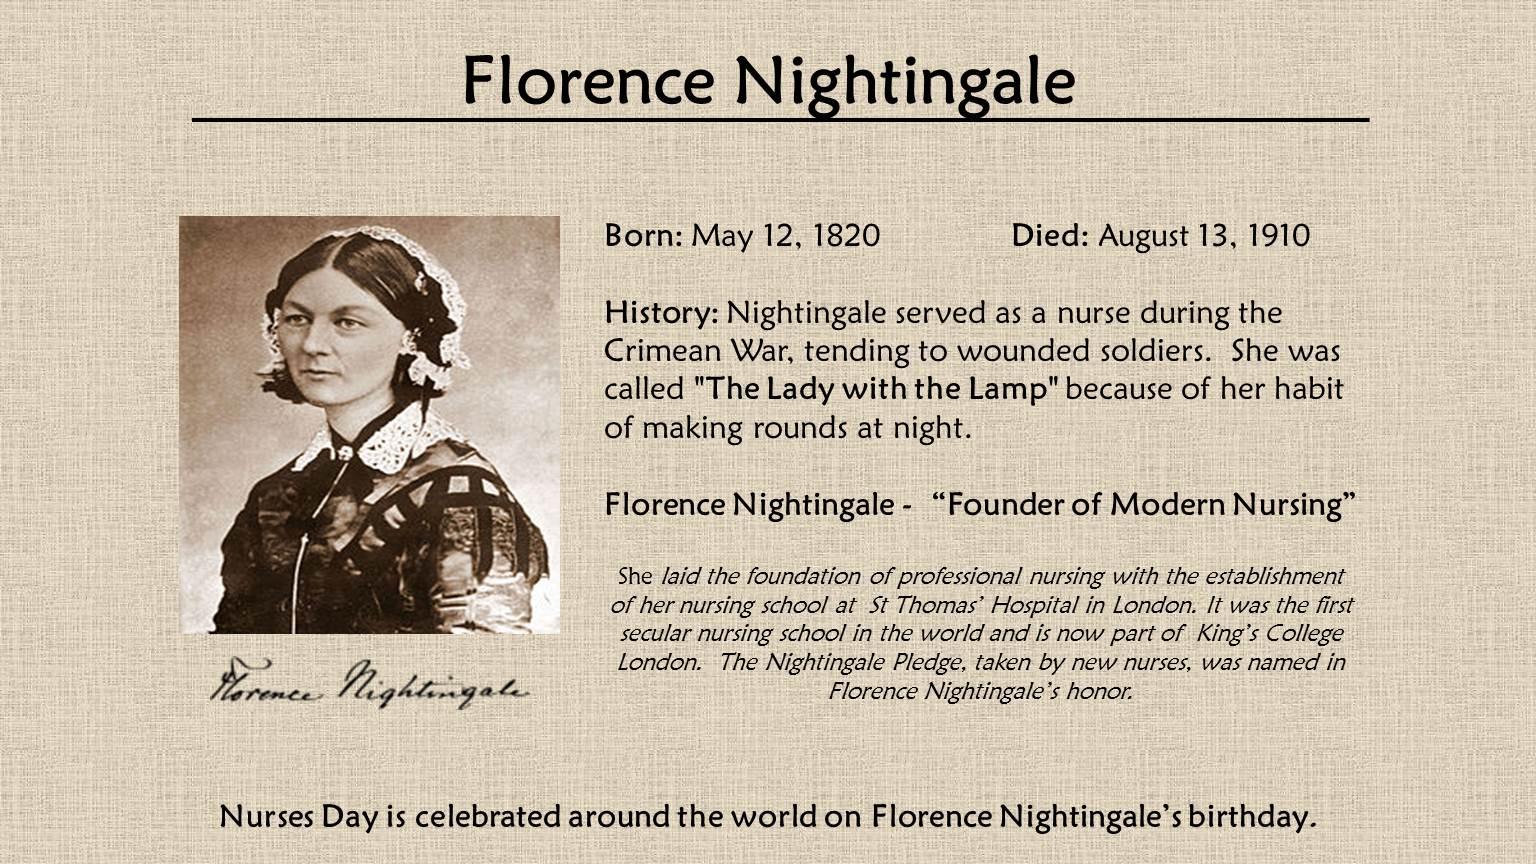 https://2.bp.blogspot.com/-0k4SUilRe5o/UYe08y2i01I/AAAAAAAAAeo/8hplClI5VUQ/s1600/Florence+Nightingale.jpg